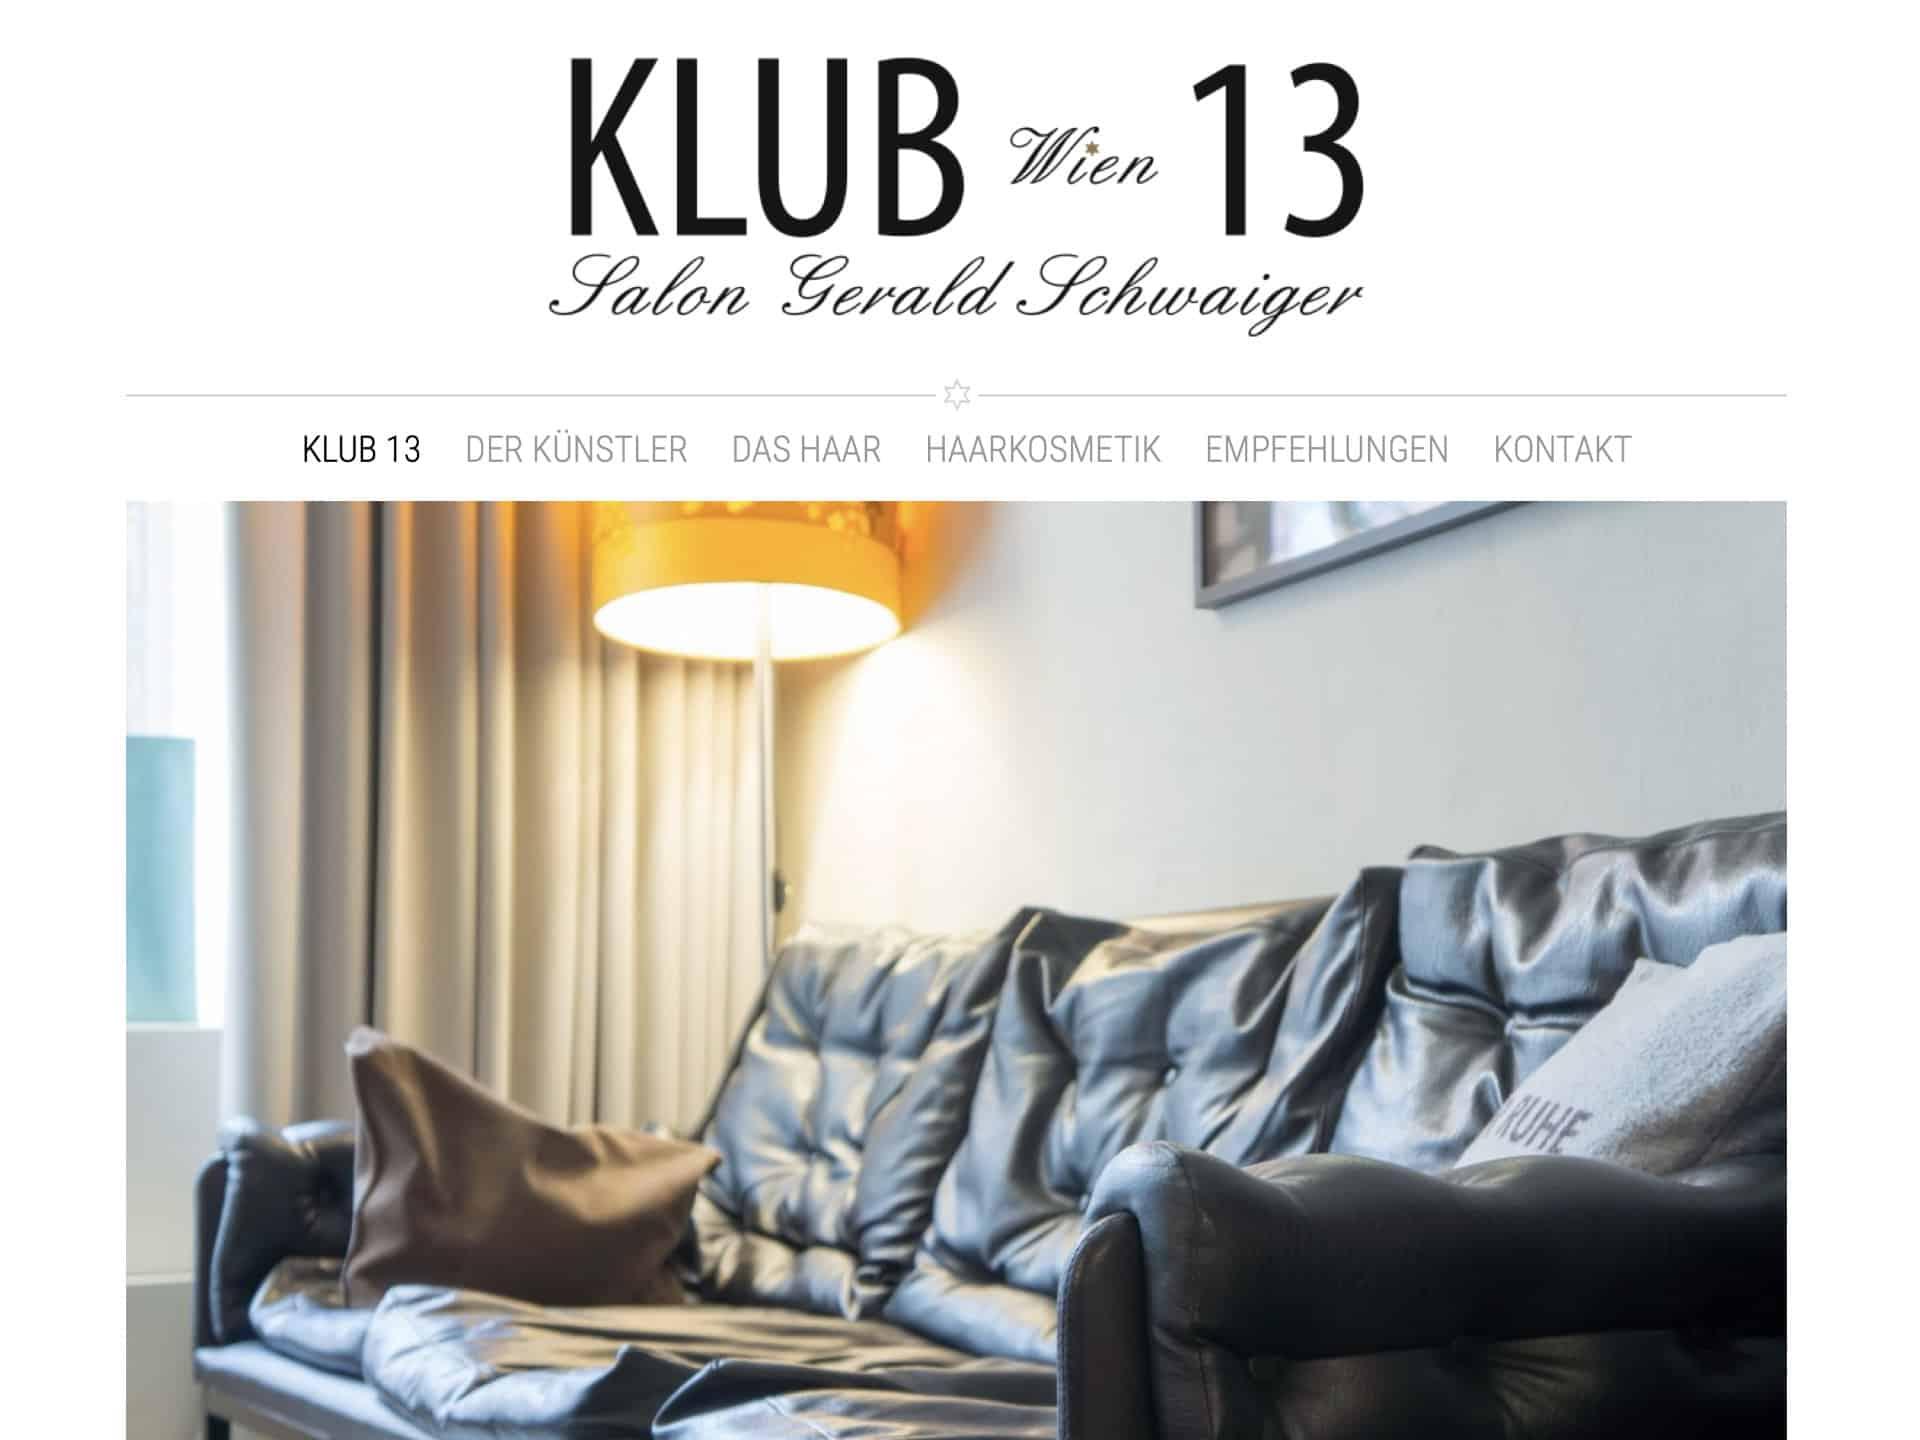 Klub 13 Wien - Salon Gerald Schwaiger